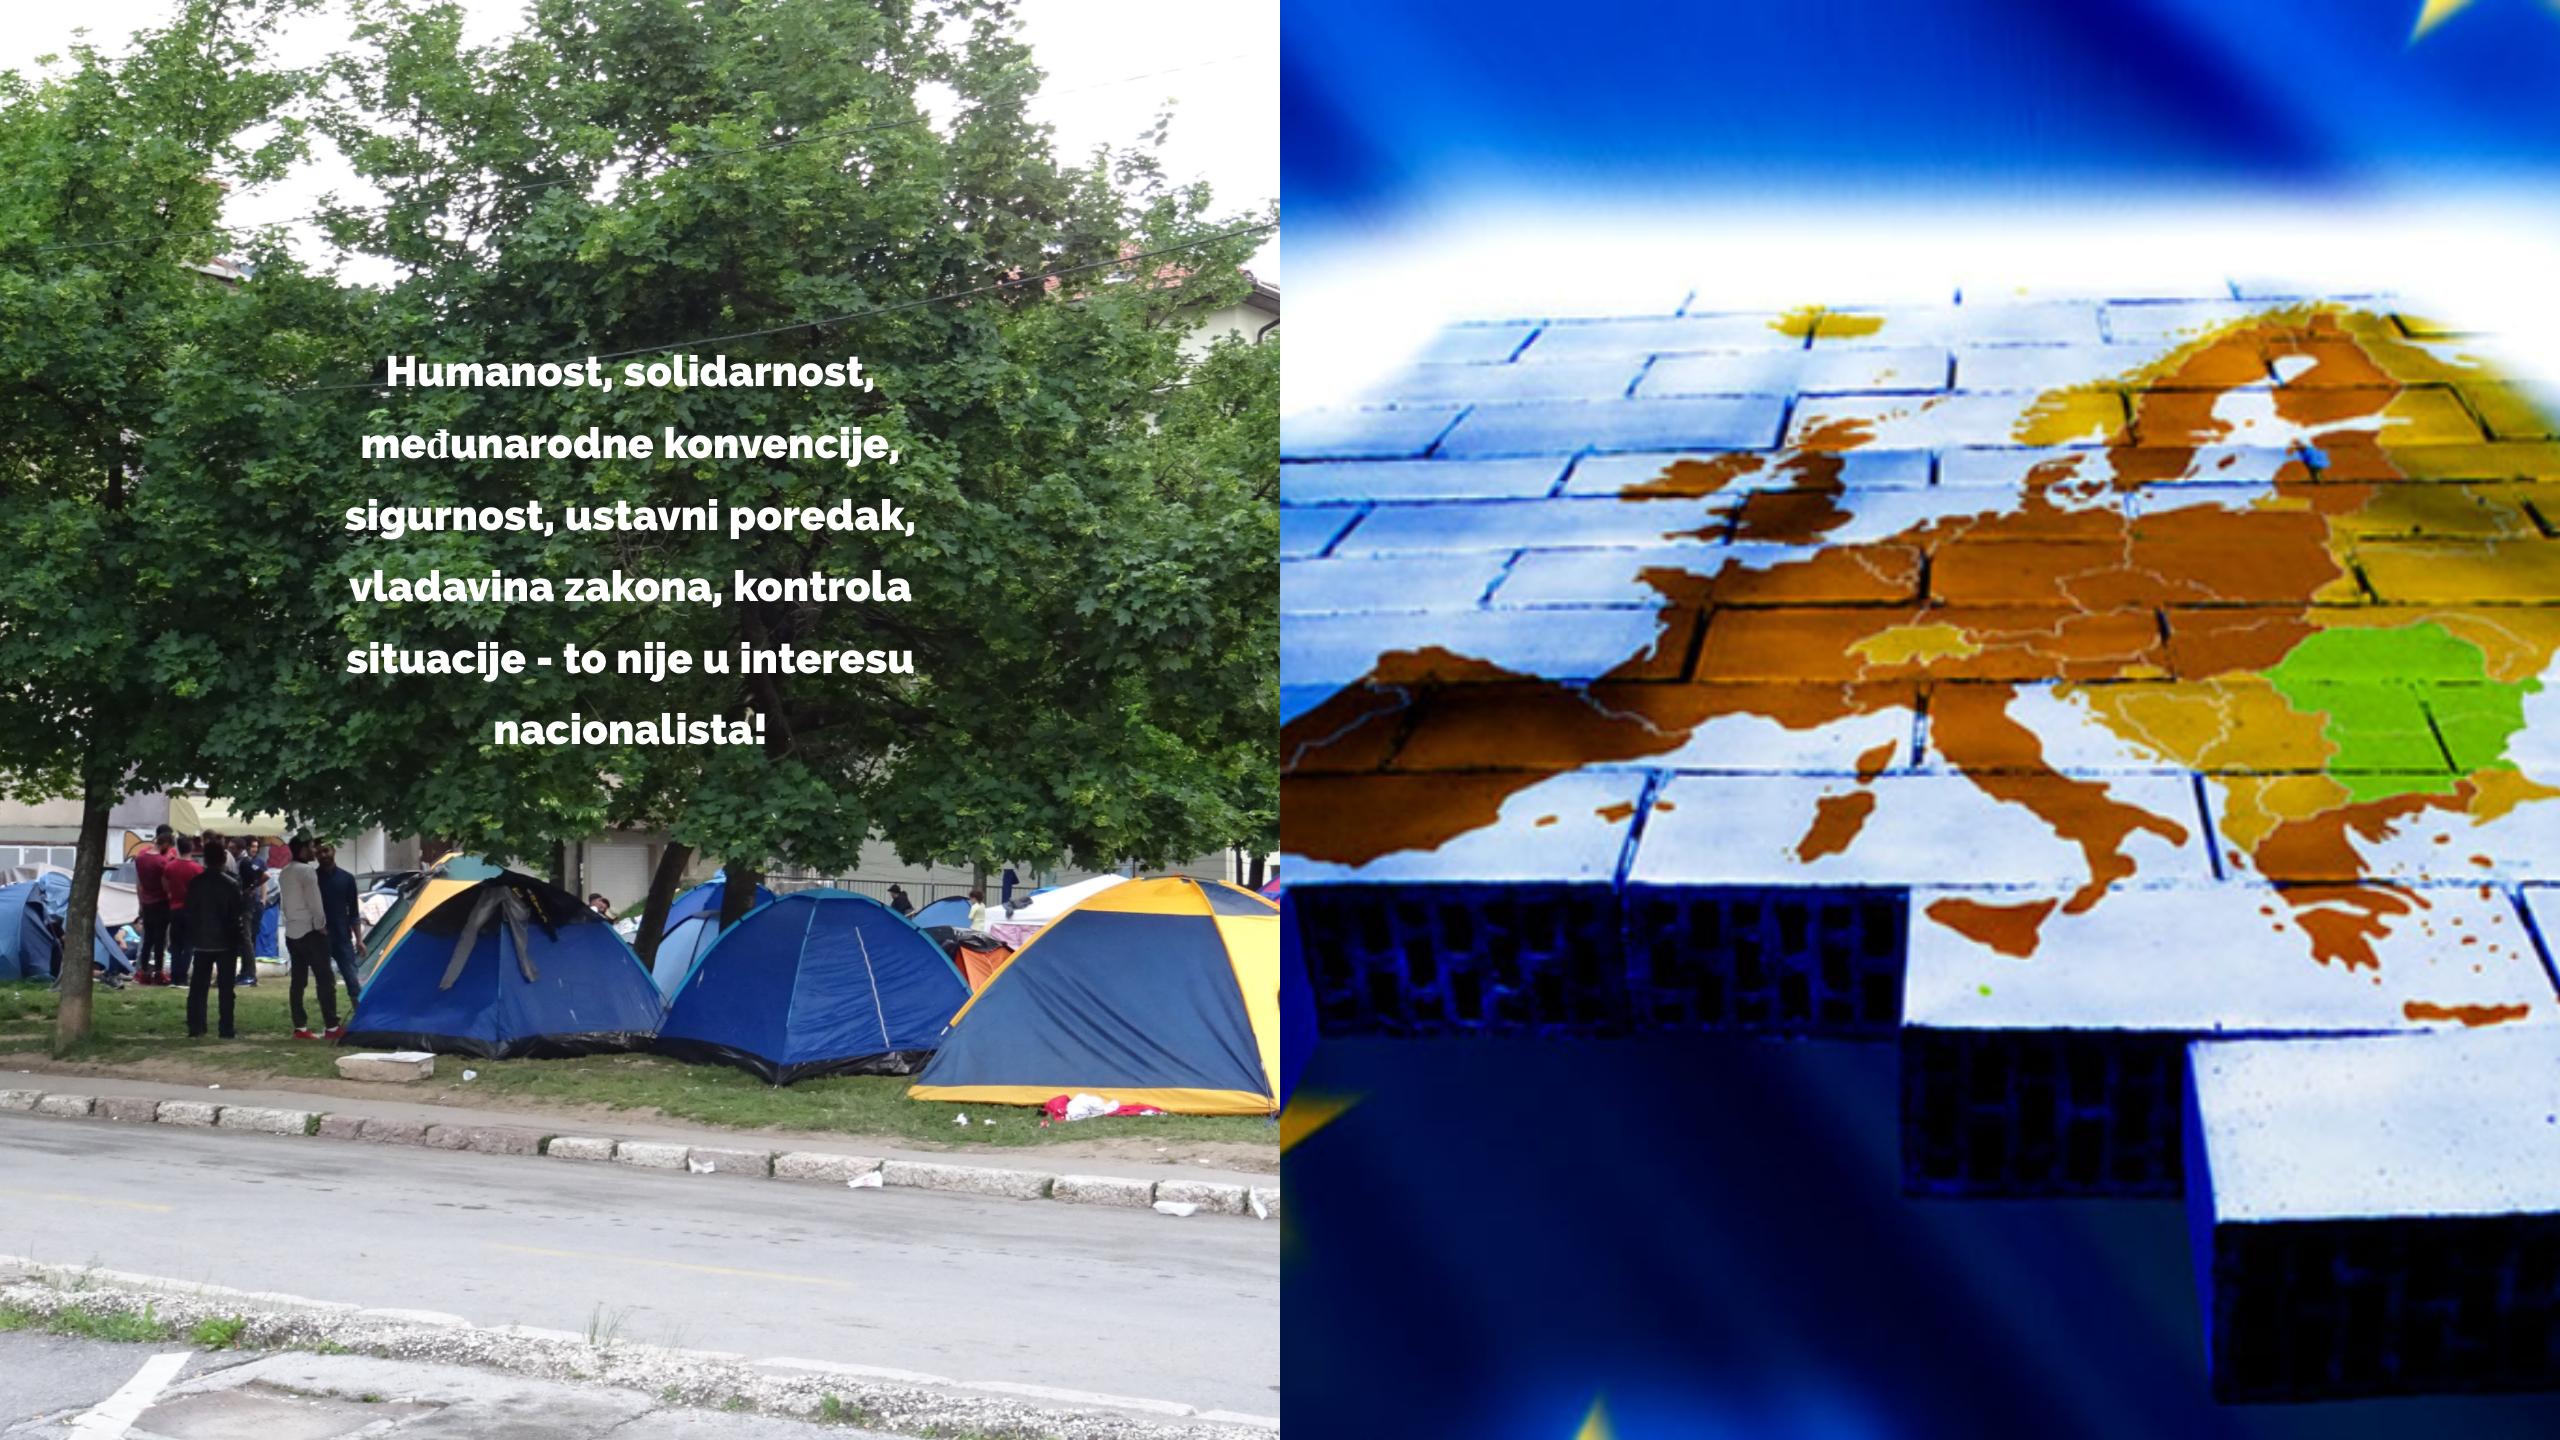 Migrantska kriza: Destabilizovanje BiH od strane neonacionalističkih sekti